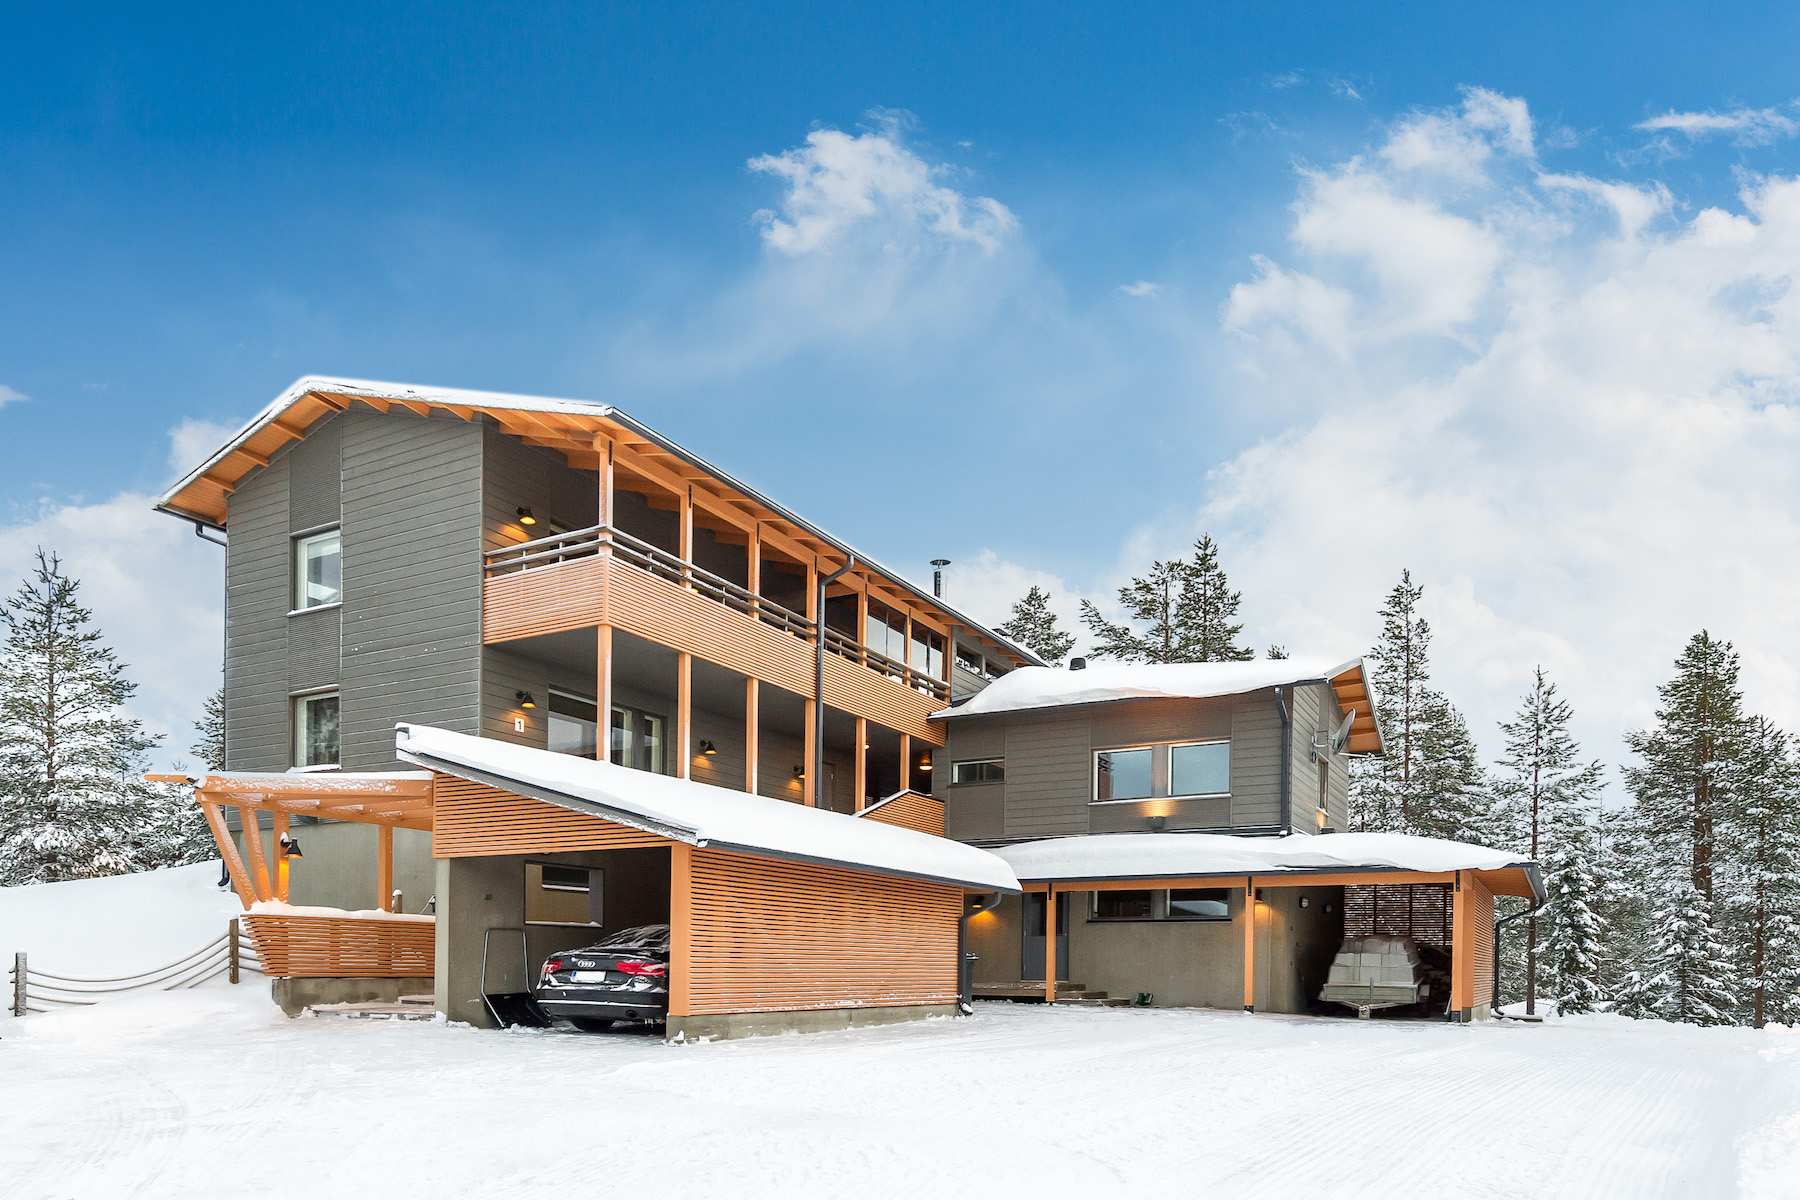 一戸建て のために 売買 アット Incredible villa at Rukatunturi Plantingintie 1 Other Cities In Finland, Cities In Finland, 93830 Finland